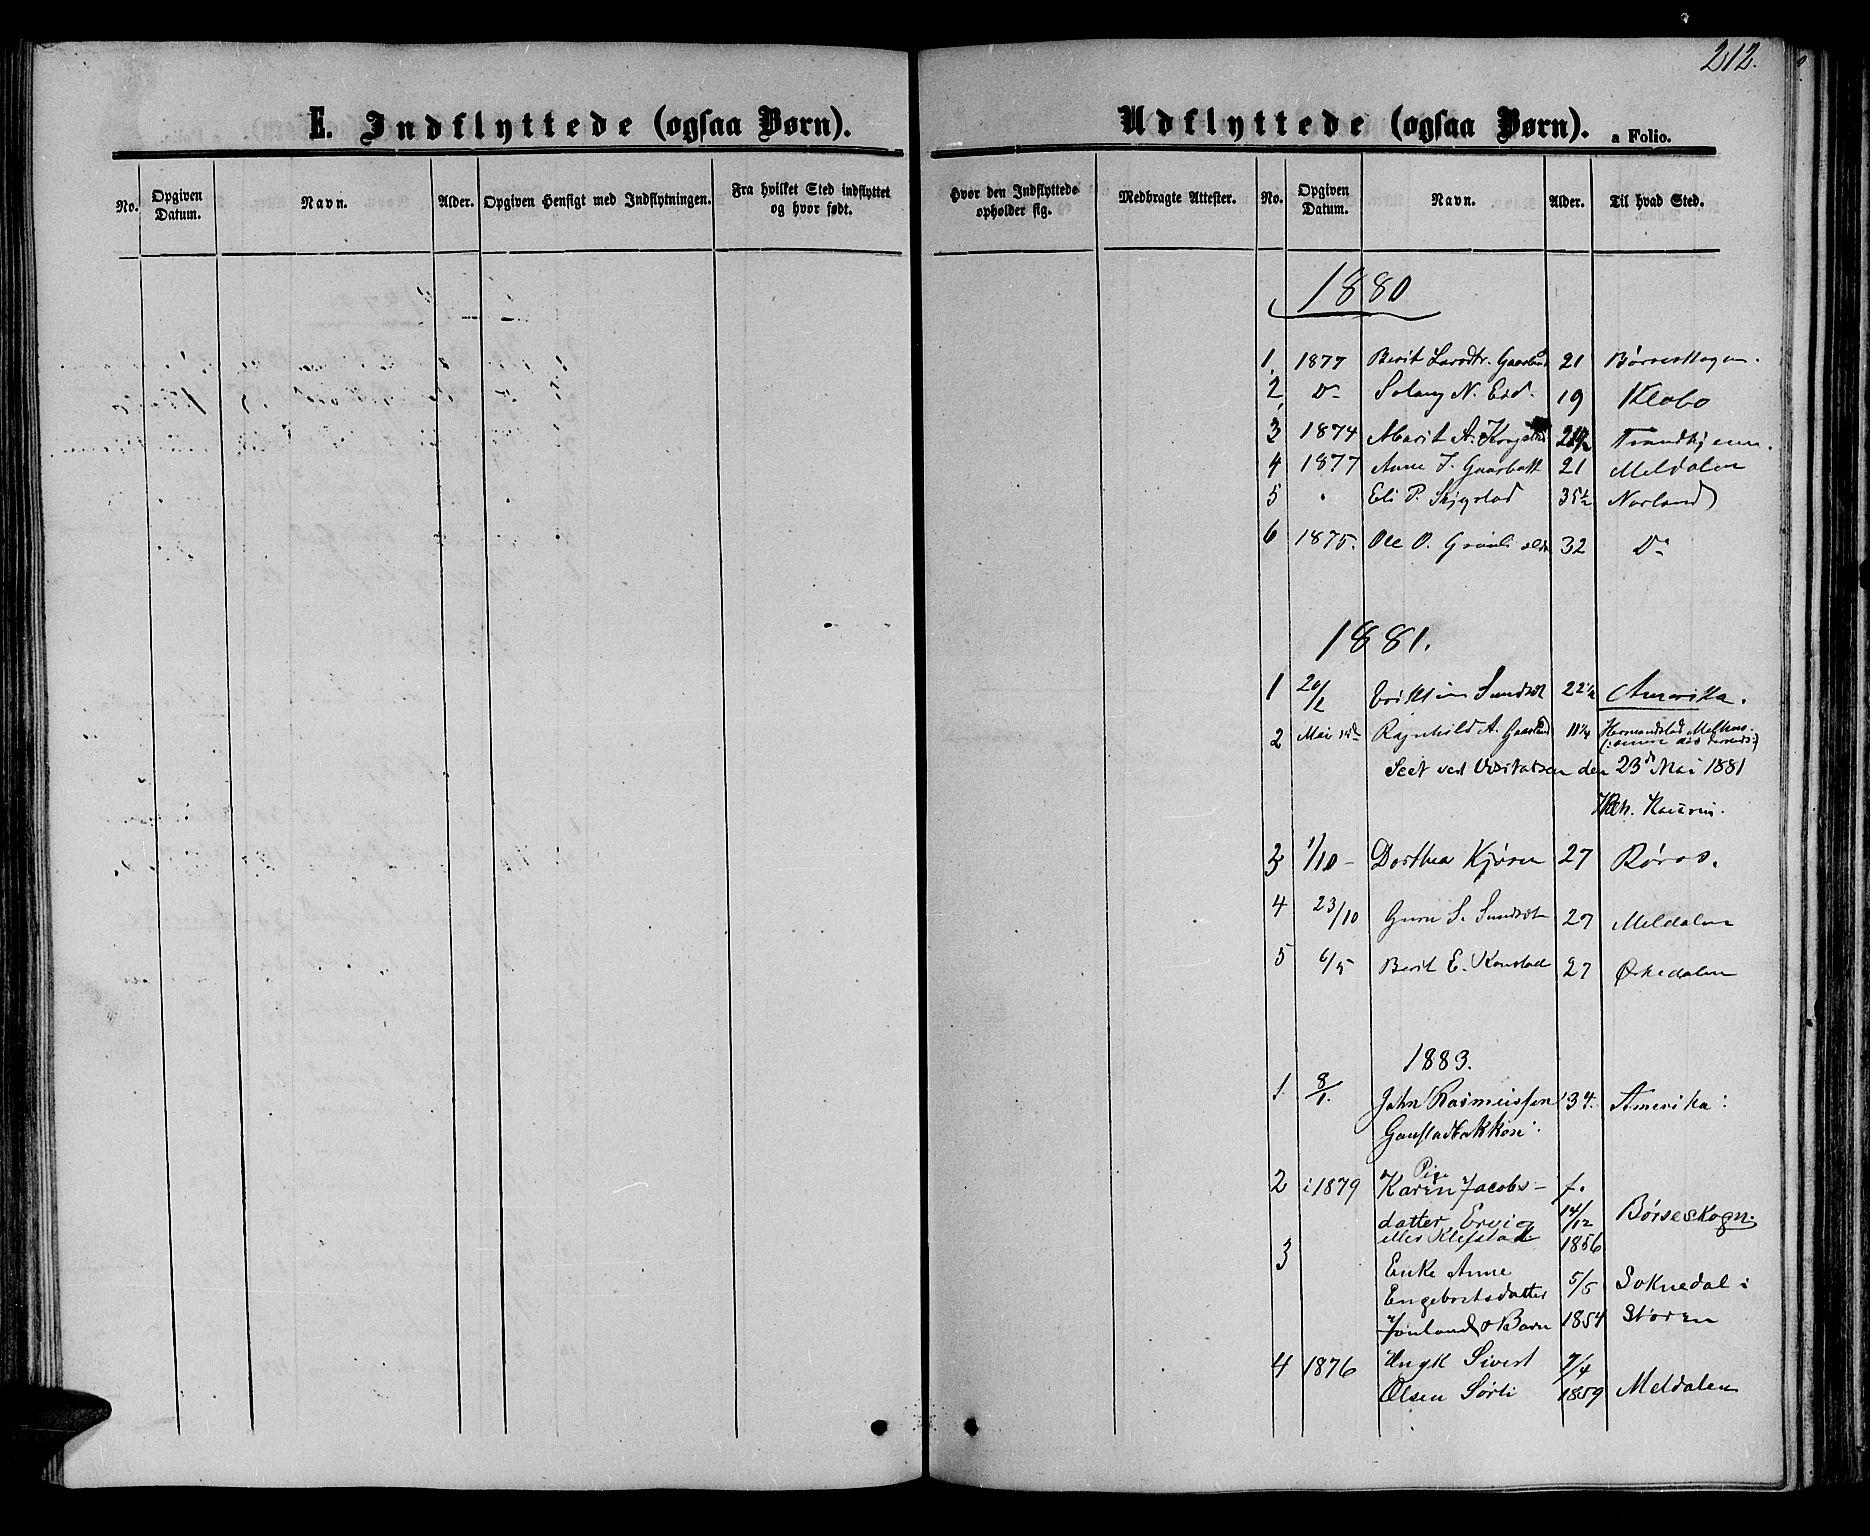 SAT, Ministerialprotokoller, klokkerbøker og fødselsregistre - Sør-Trøndelag, 694/L1131: Klokkerbok nr. 694C03, 1858-1886, s. 212